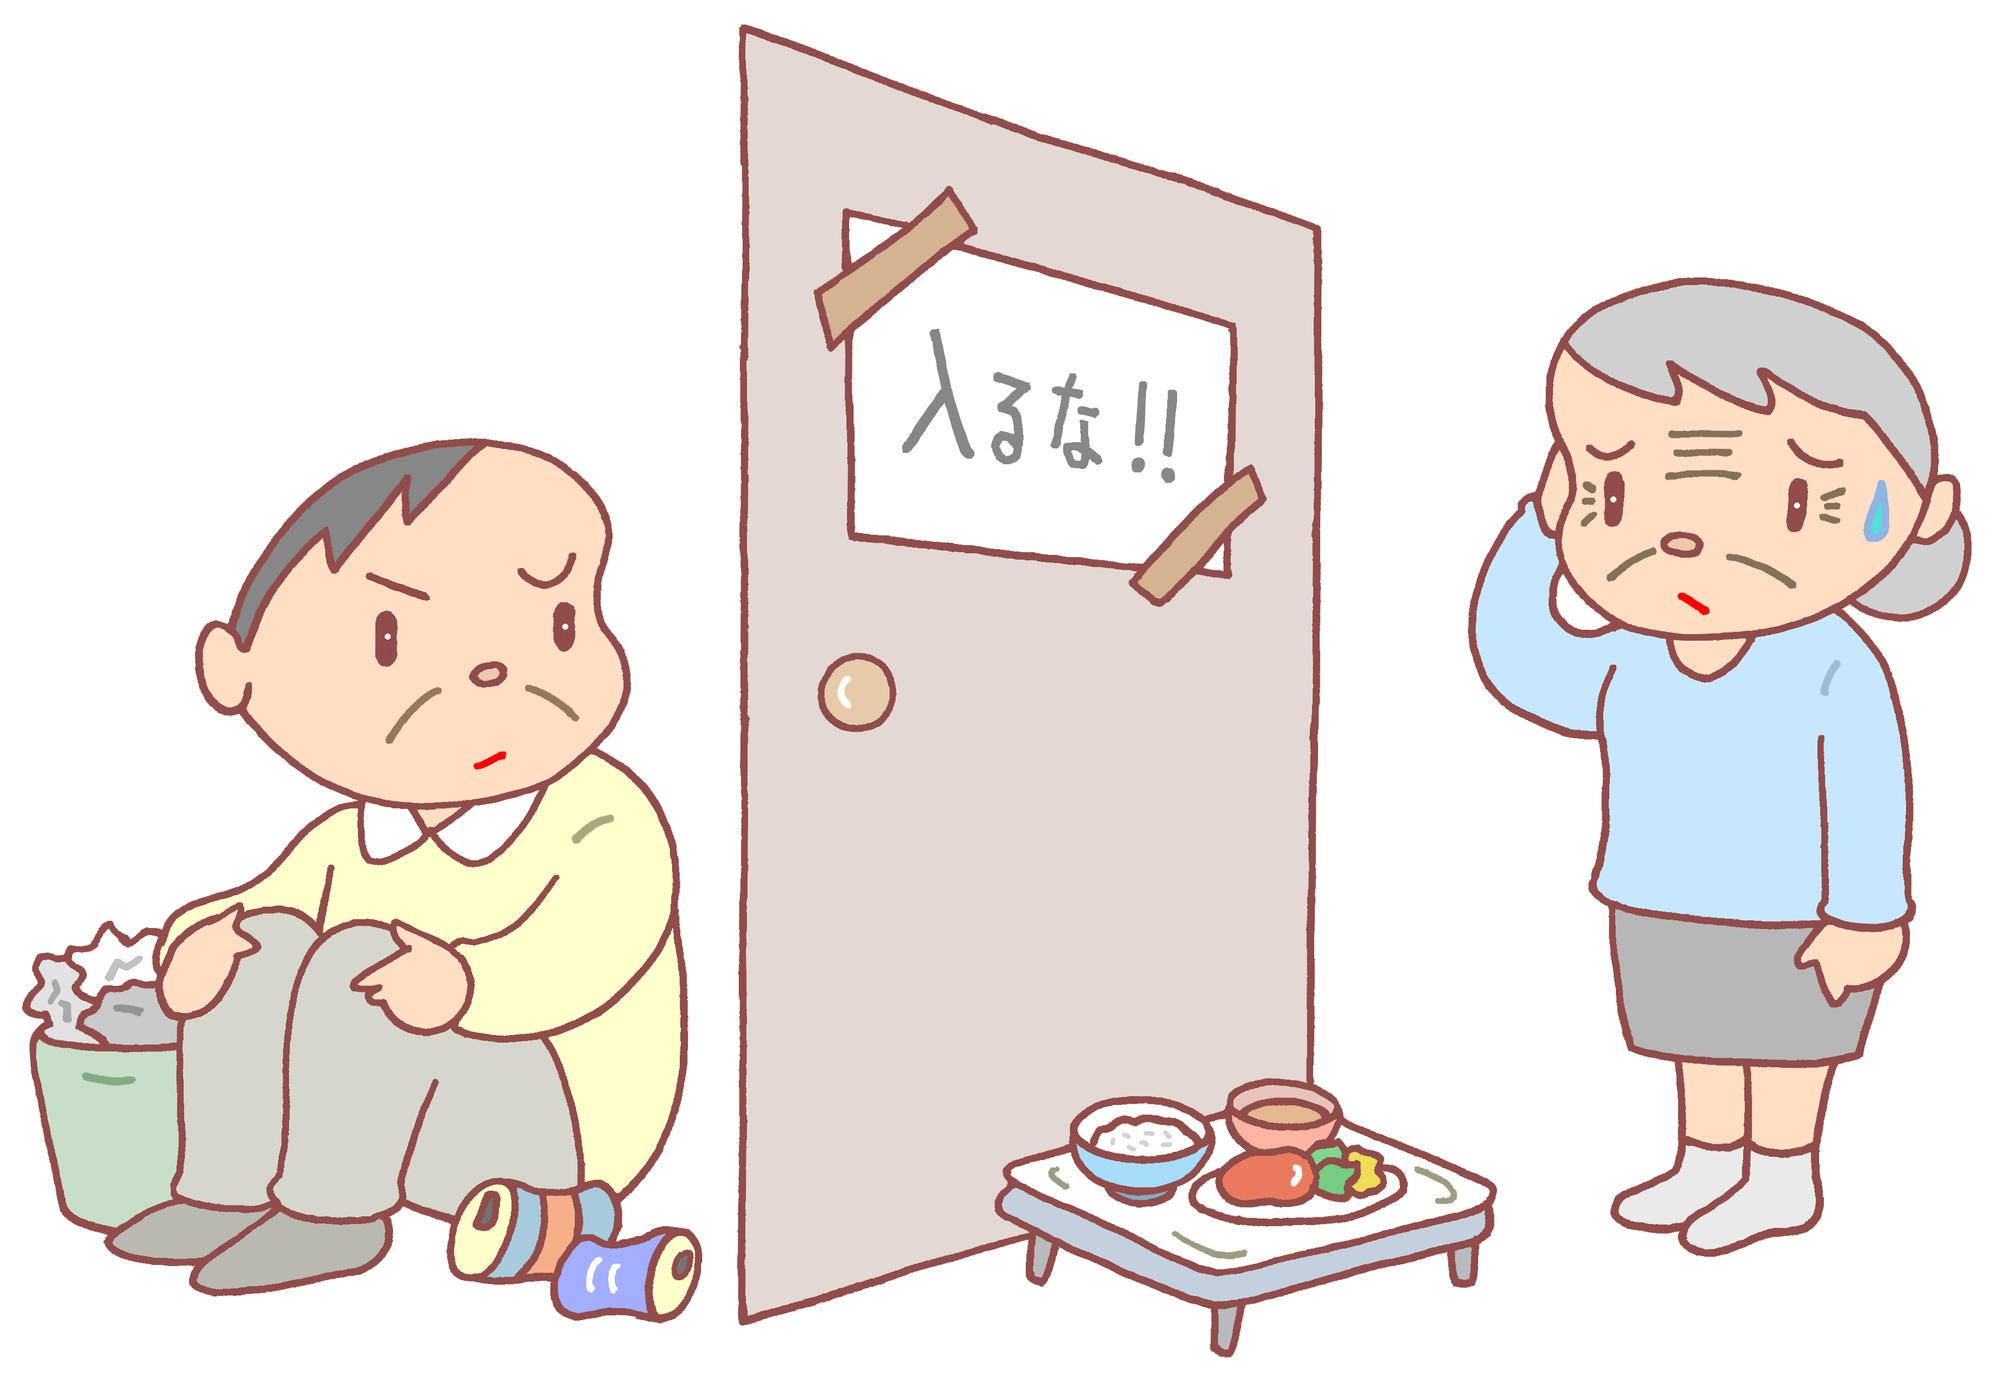 高 引き 化 何 問題 こもり の という を 年齢